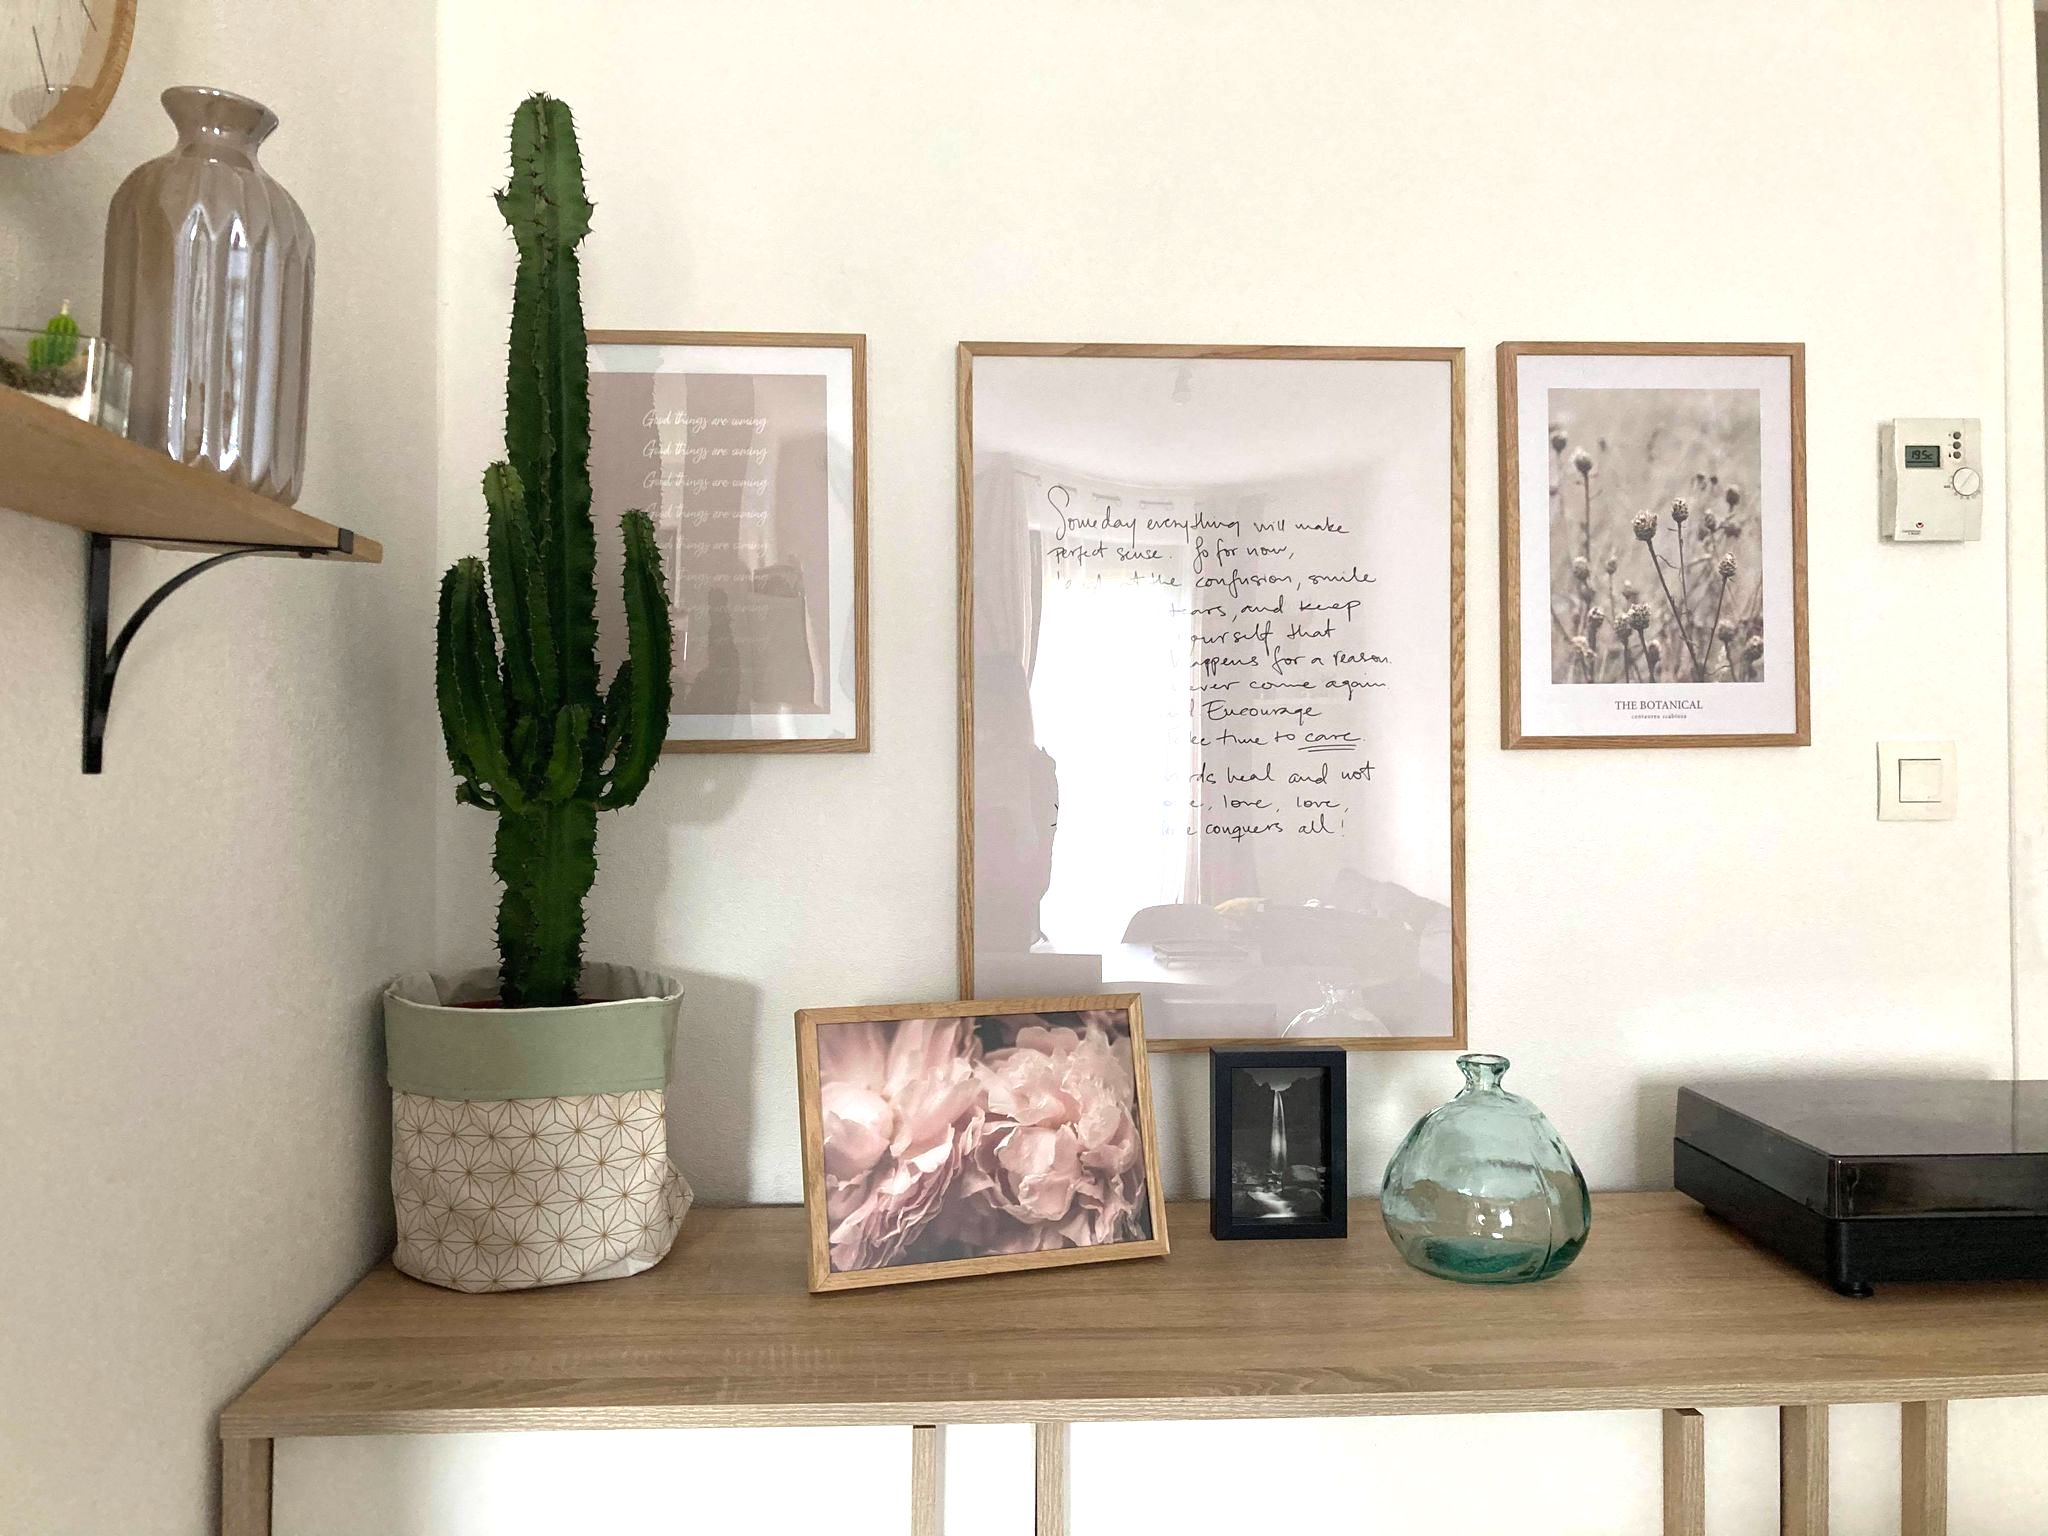 deco murale desenio sejour idée décoration mur tendance moderne cactus